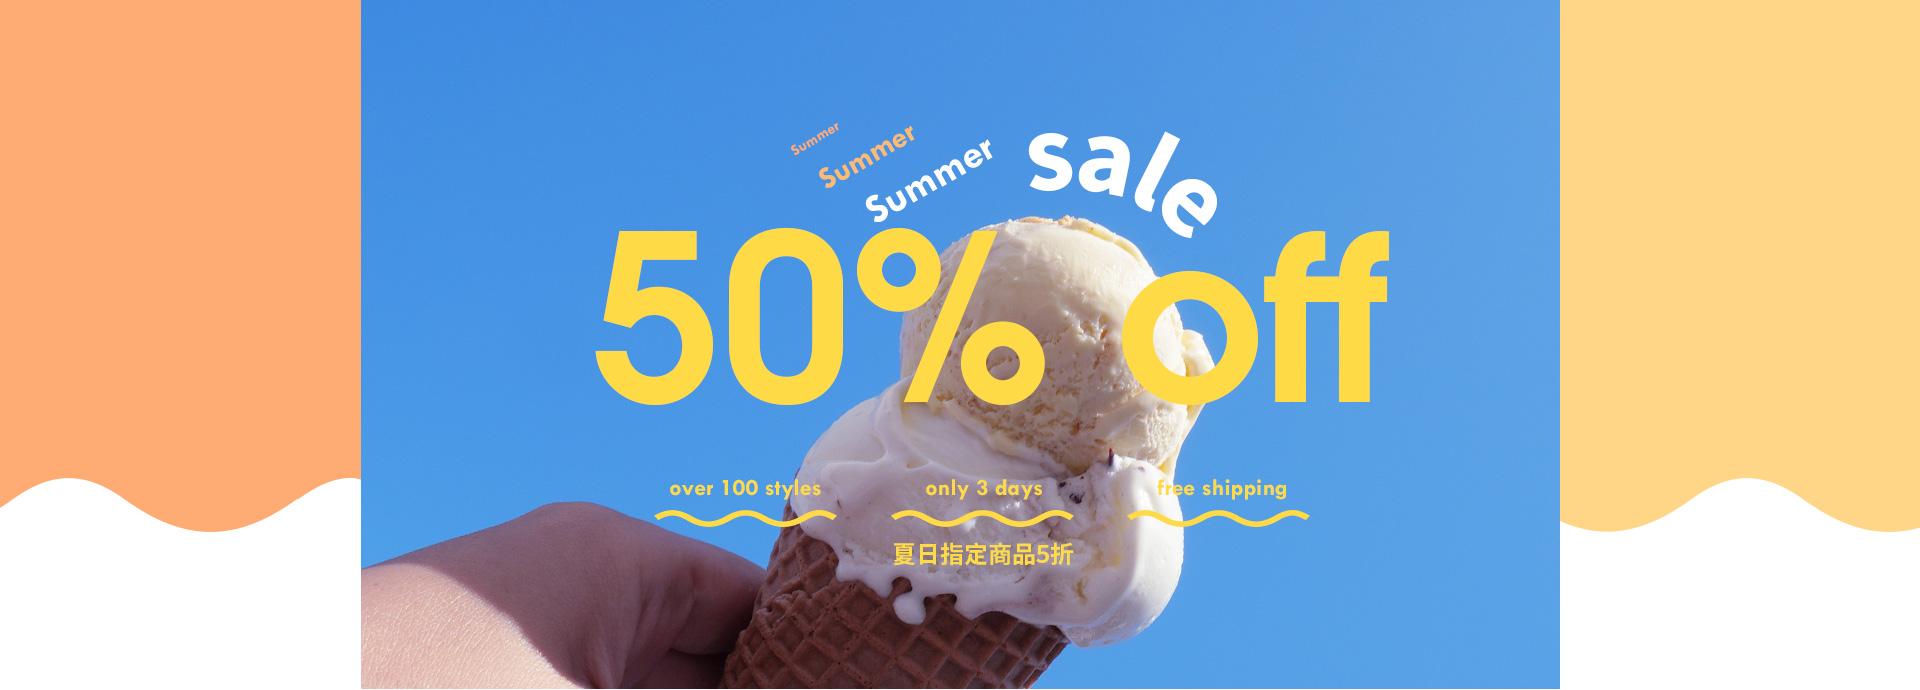 D+AF Summer Sale 50% off